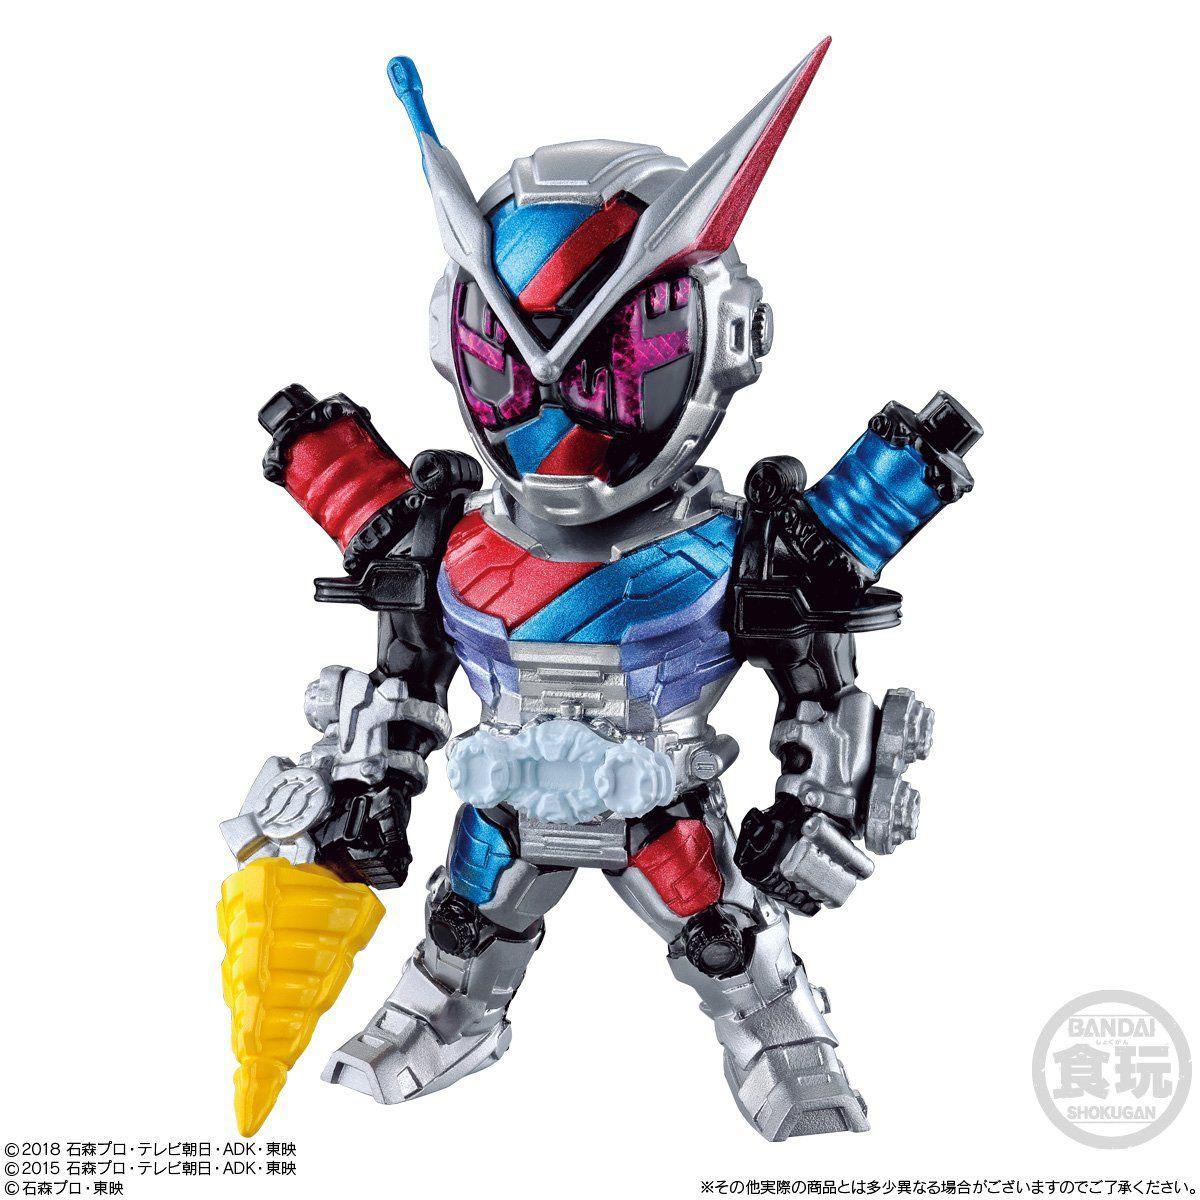 【食玩】コンバージ仮面ライダー『CONVERGE KAMEN RIDER 13』10個入りBOX-002